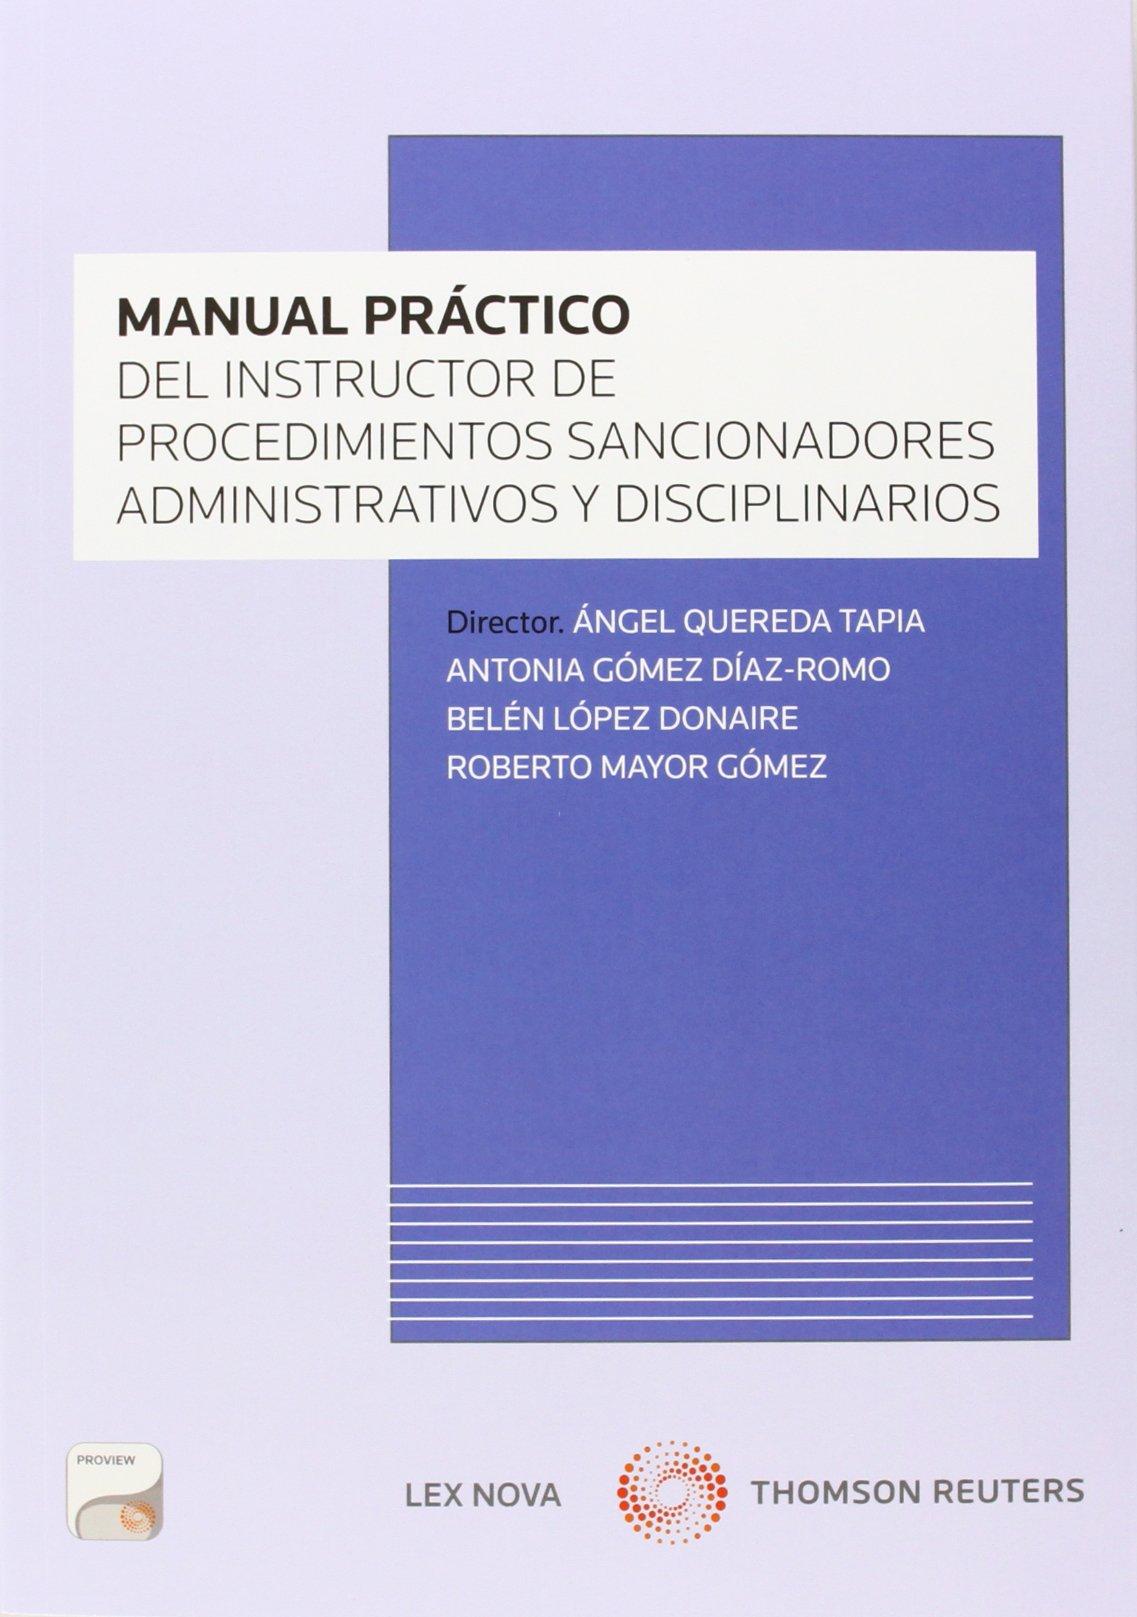 Manual práctico del instructor de los procedimientos sancionadores  administrativos y disciplinarios (Papel+e-book): Amazon.co.uk: Antonia  Gómez Díaz-Romo, ...